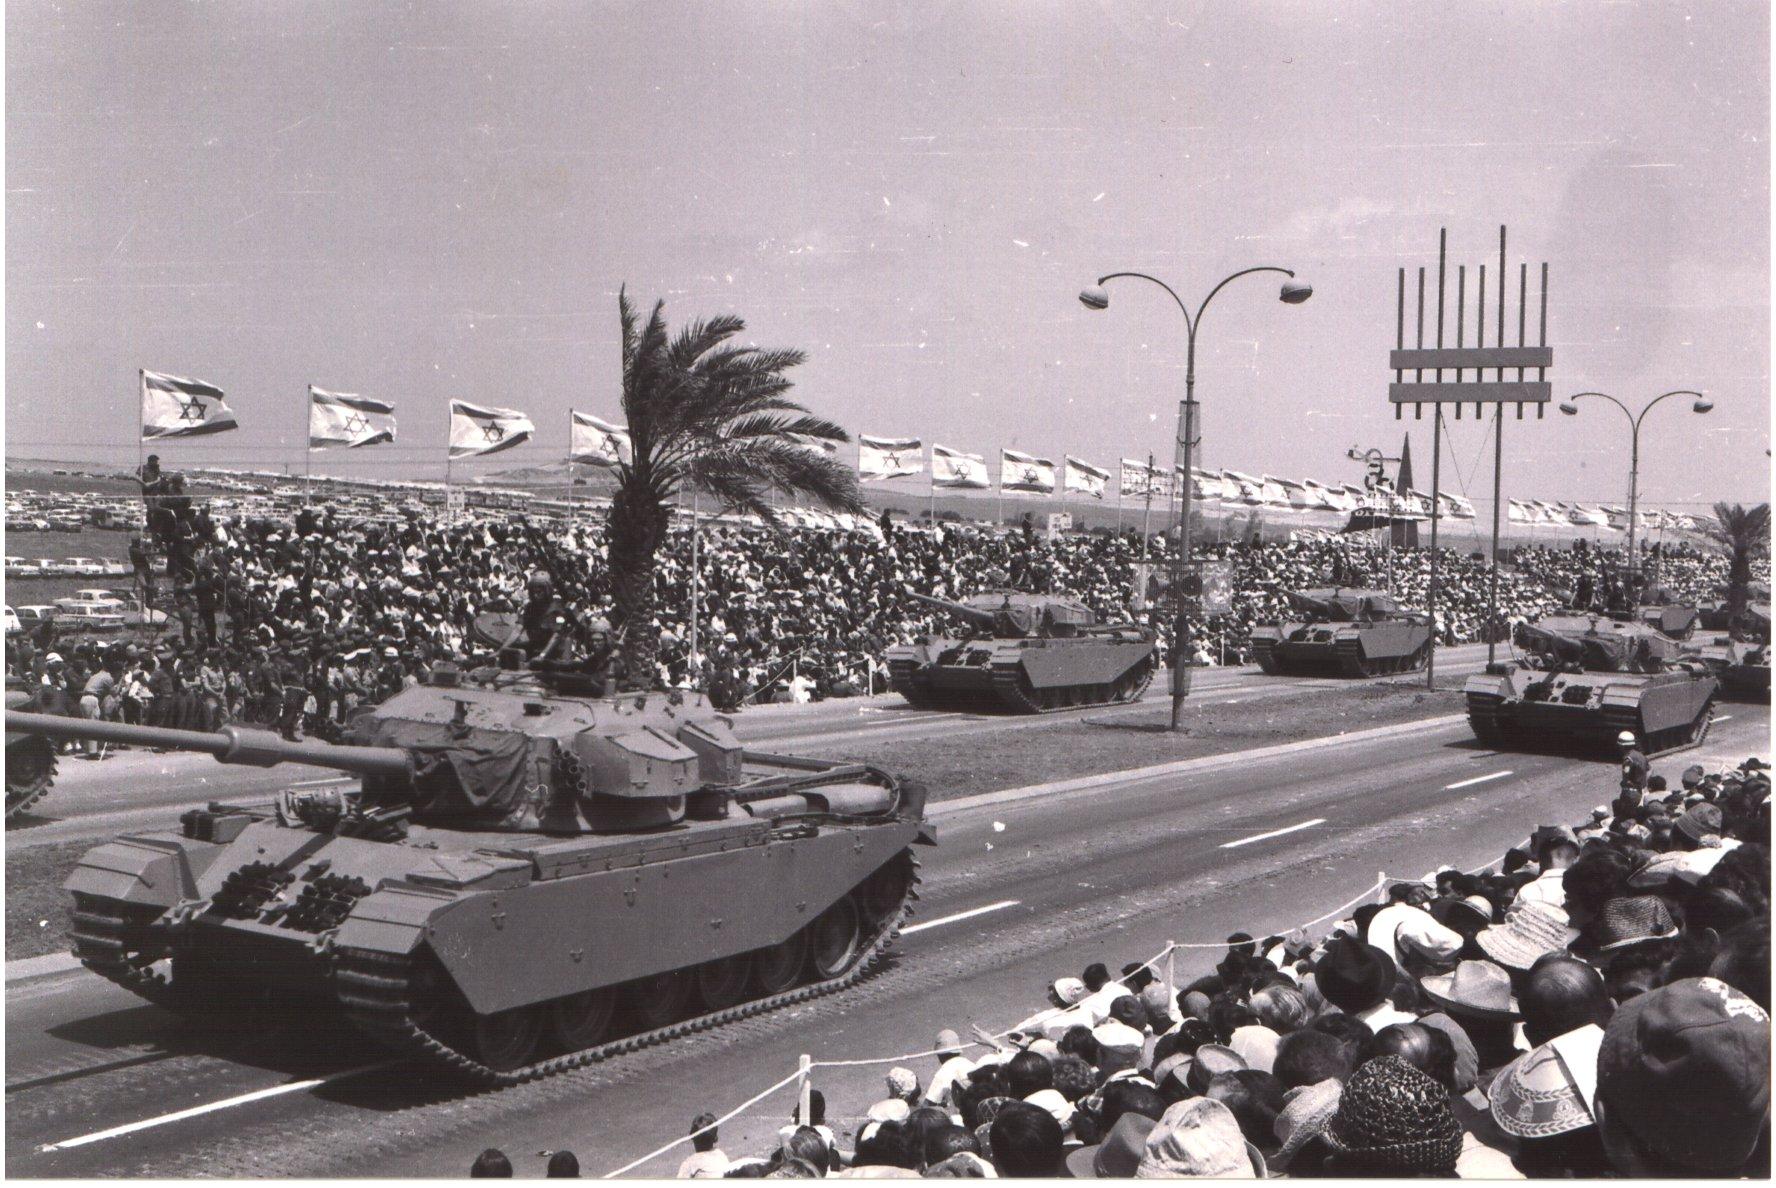 Centurion στο Τελ-Αβίβ το 1965